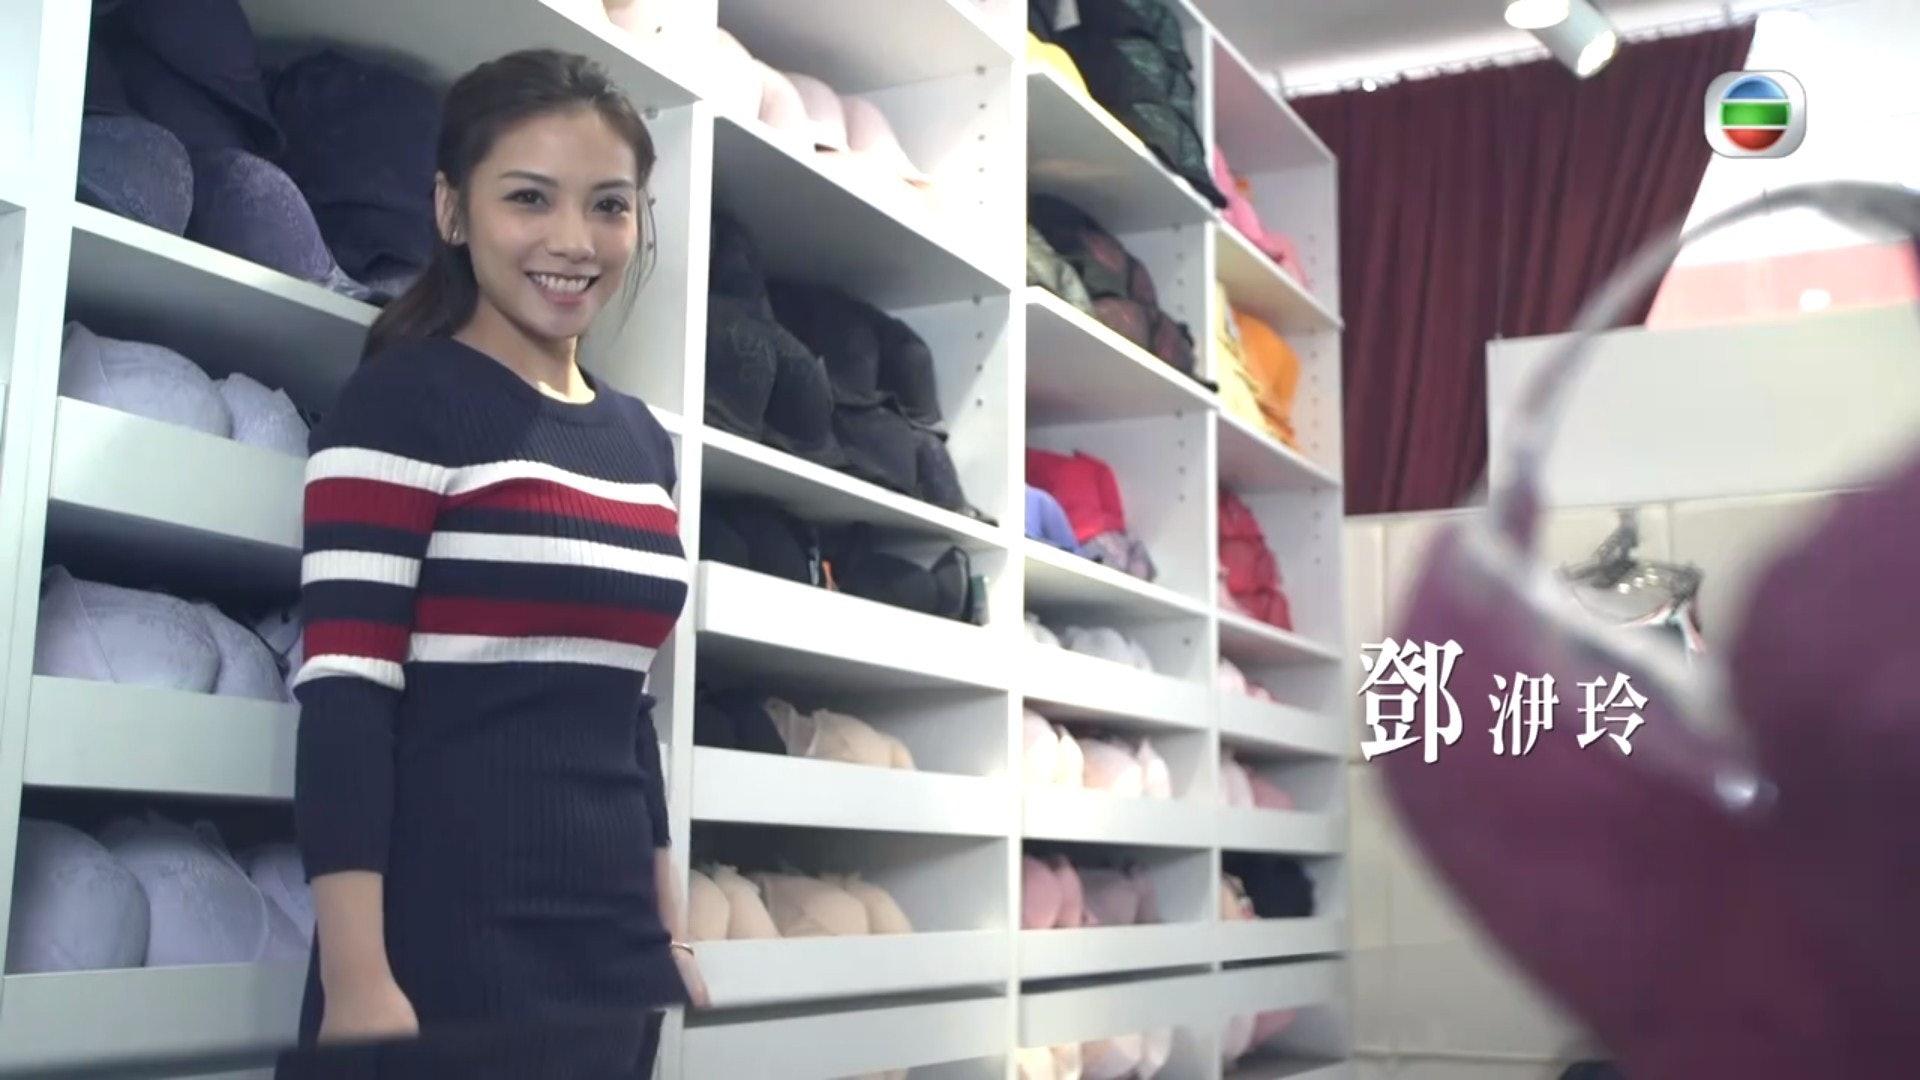 阿旦現身TVB,網友表示驚訝!(電視截圖)